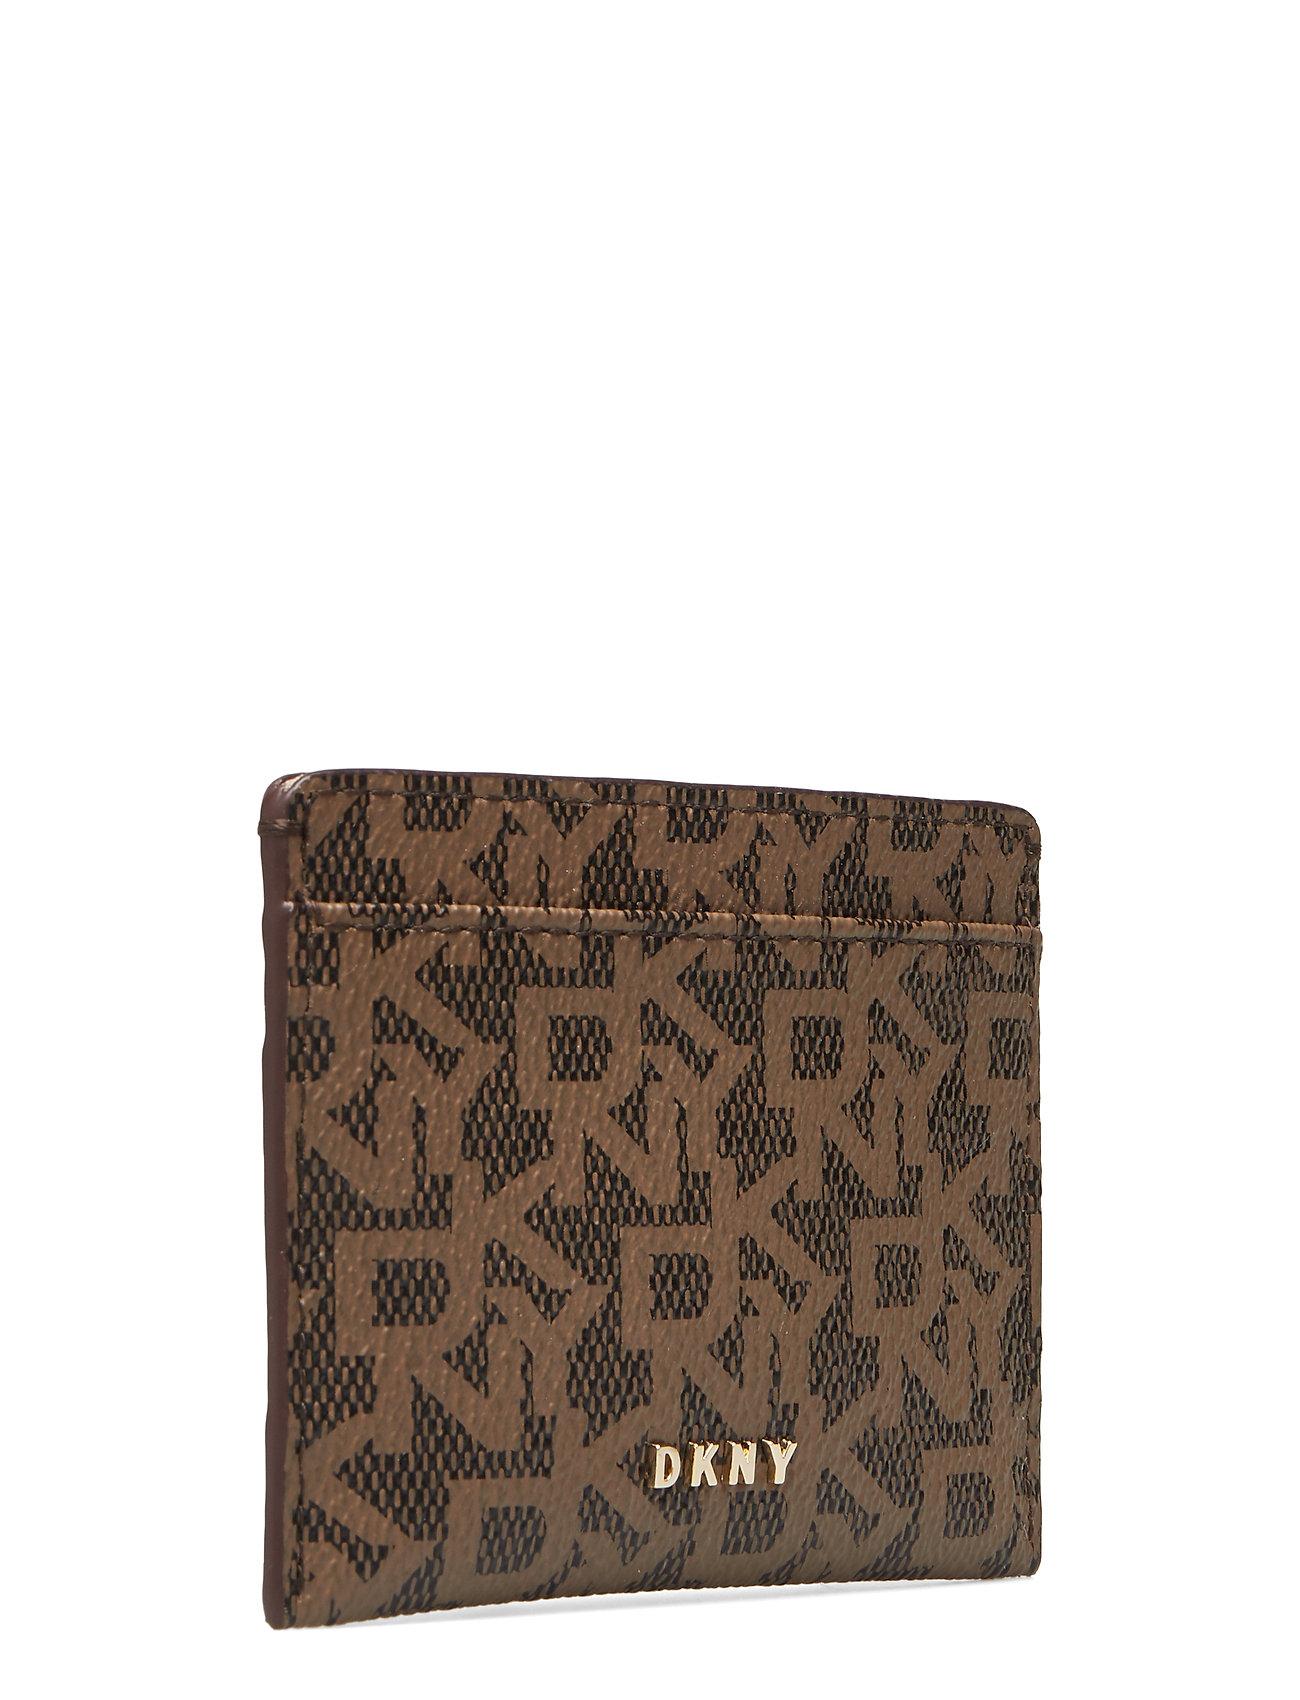 Lg drftwdDkny Bags Bryant card lmoch Holder CtshrQdxB